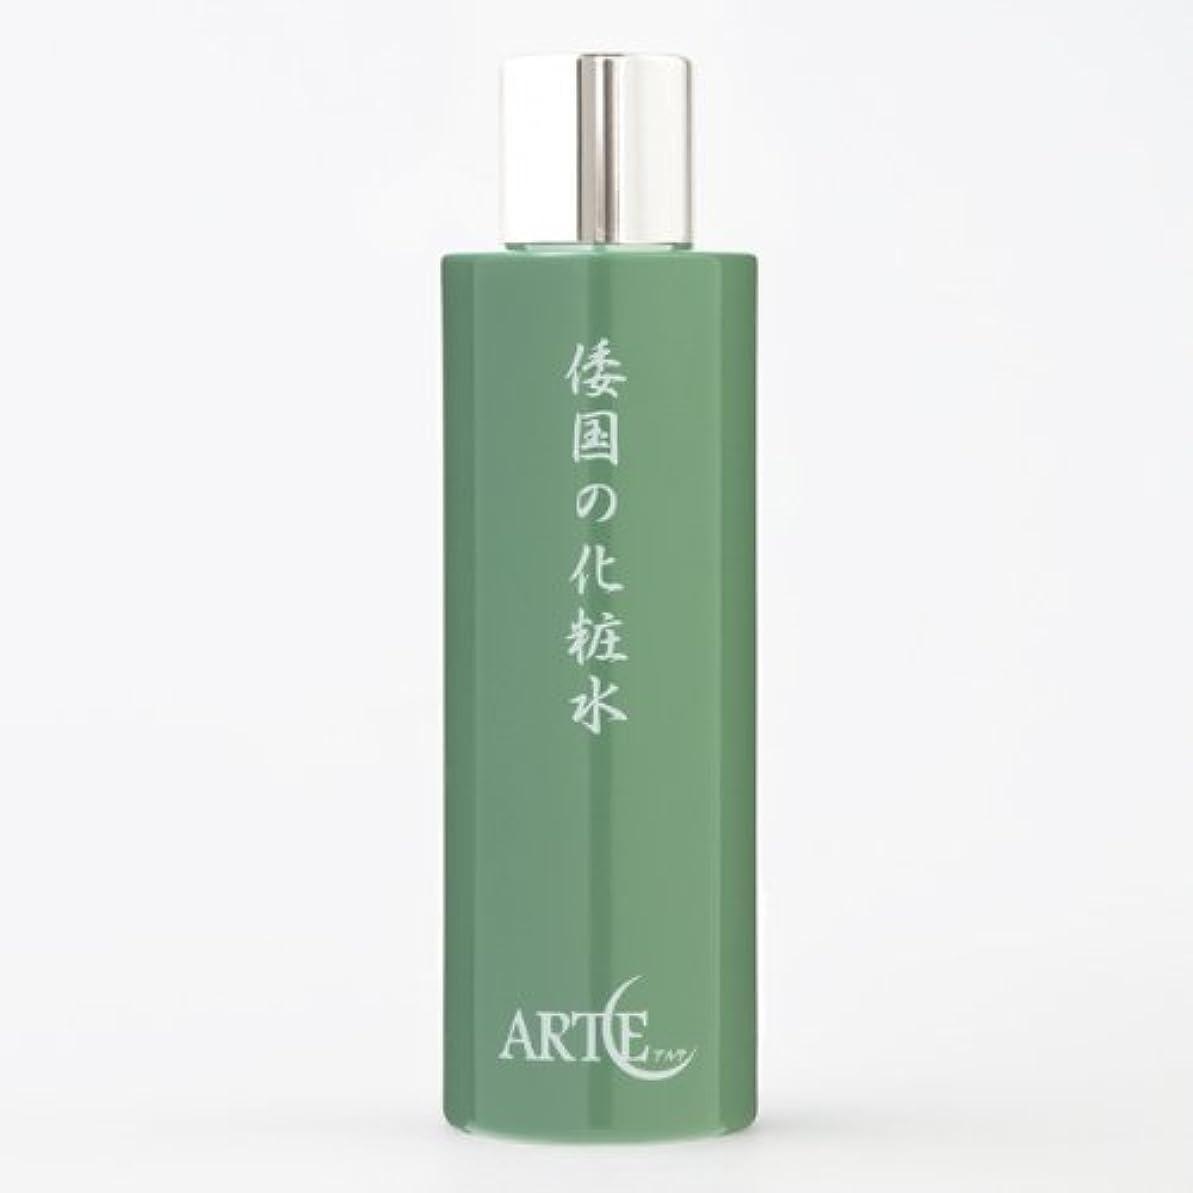 一定気づかないピクニックアルテ 倭国の化粧水 敏感肌用 100ml